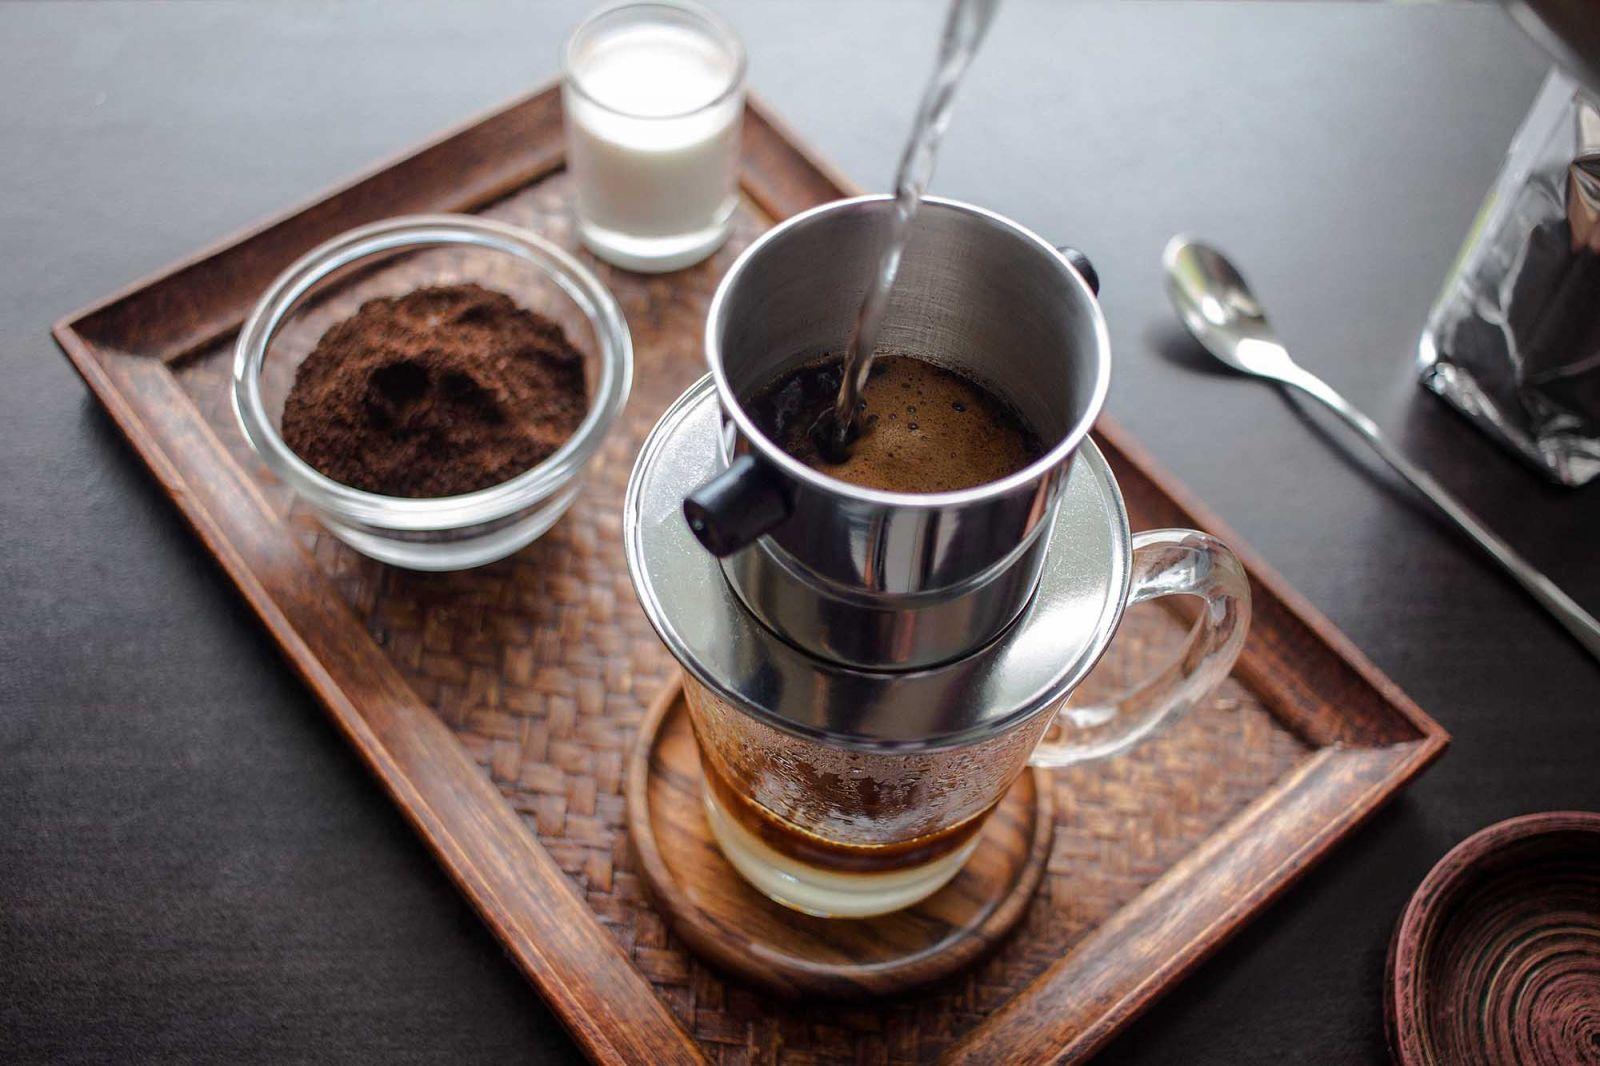 Tìm hiểu về cà phê phin sành điệu